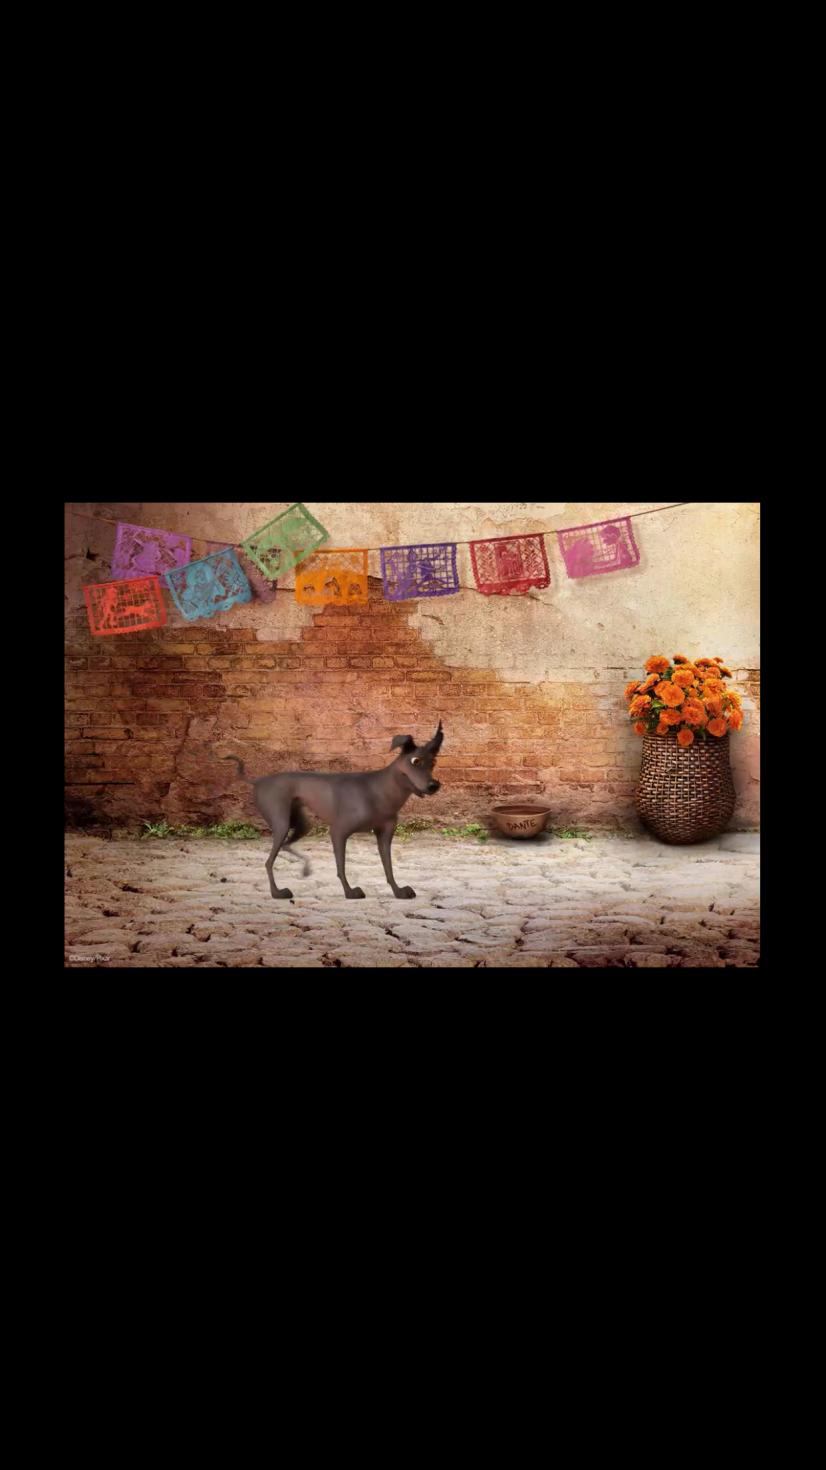 メキシカンのドナルドと撮ったメモリーメーカーのムービーの一部です。この後この犬が写真を舌で引っ張ります。 その写真はCOCOのロゴ入りです。